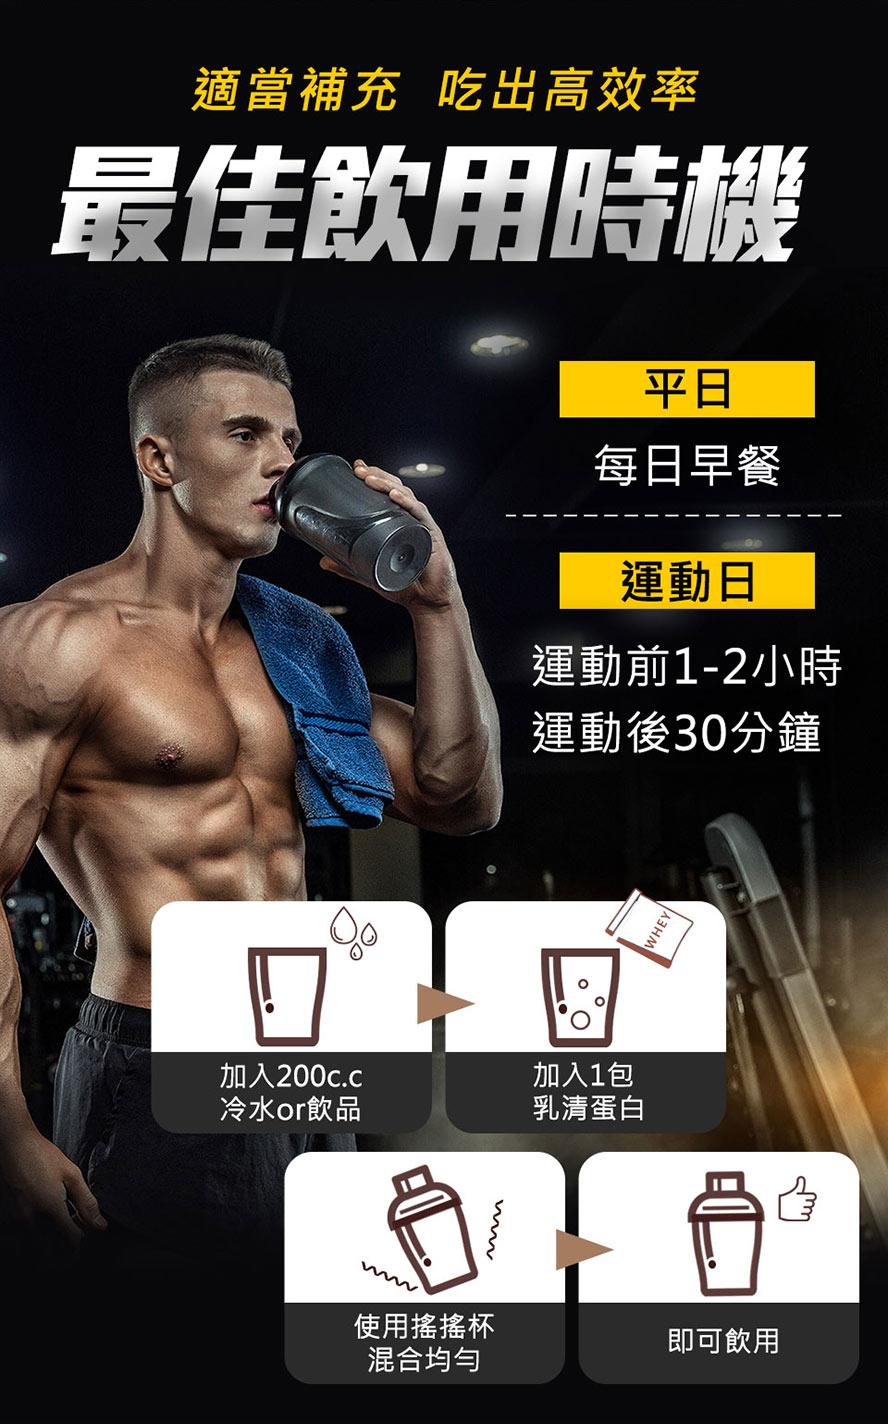 乳清蛋白提供肌肉營養,可以在訓練後幫助肌肉成長